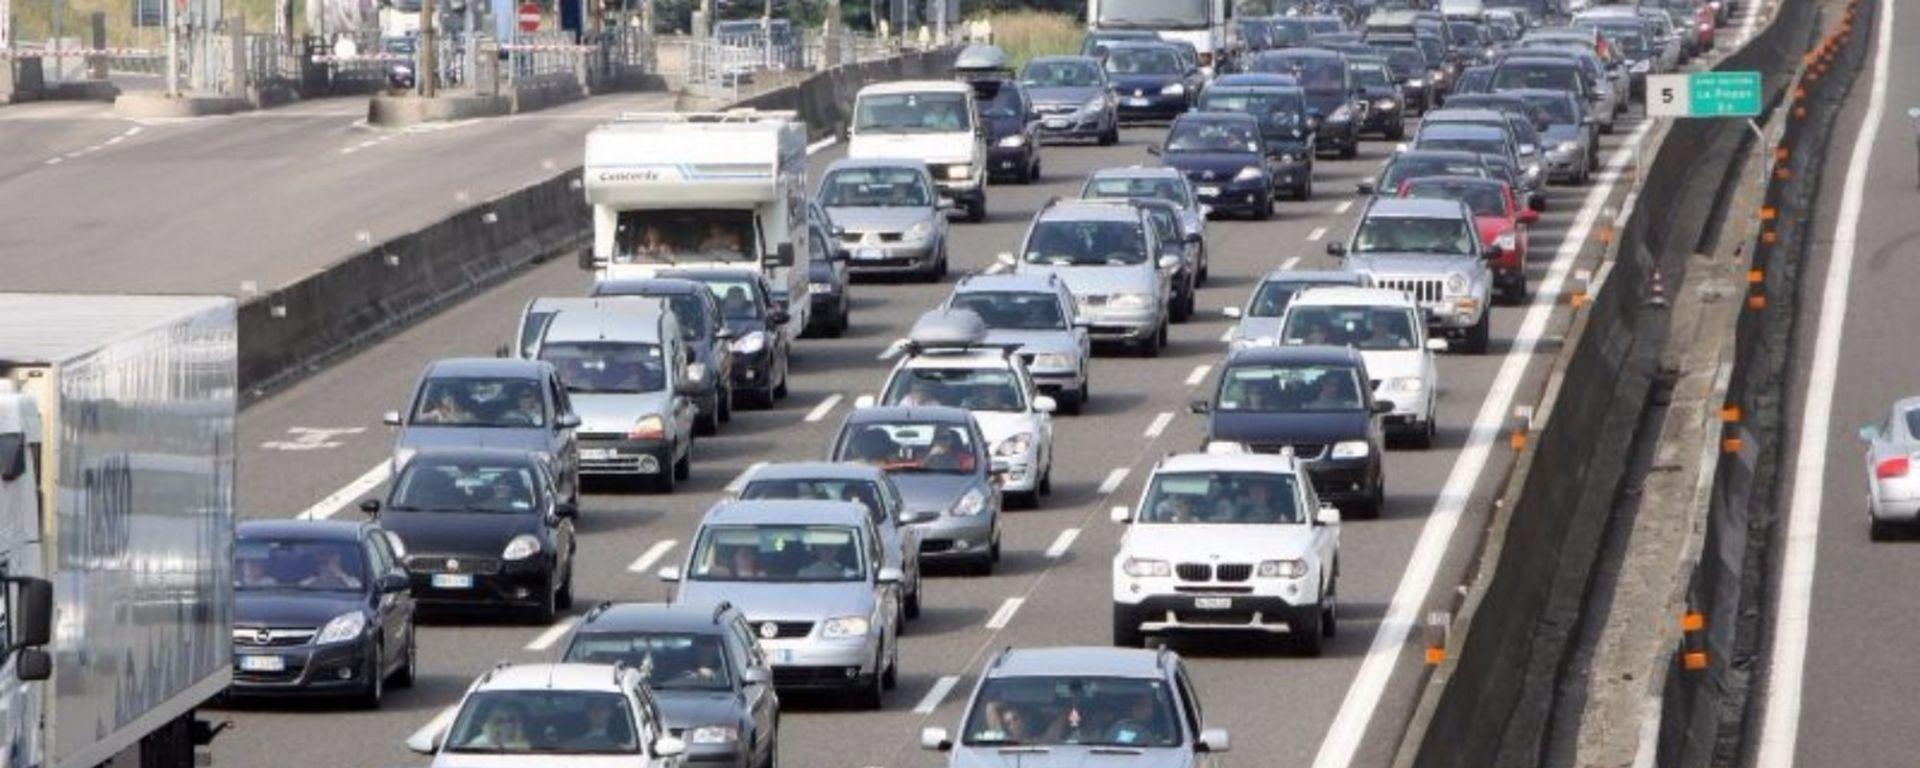 Parco auto, in Italia il tasso di motorizzazione è in crescita